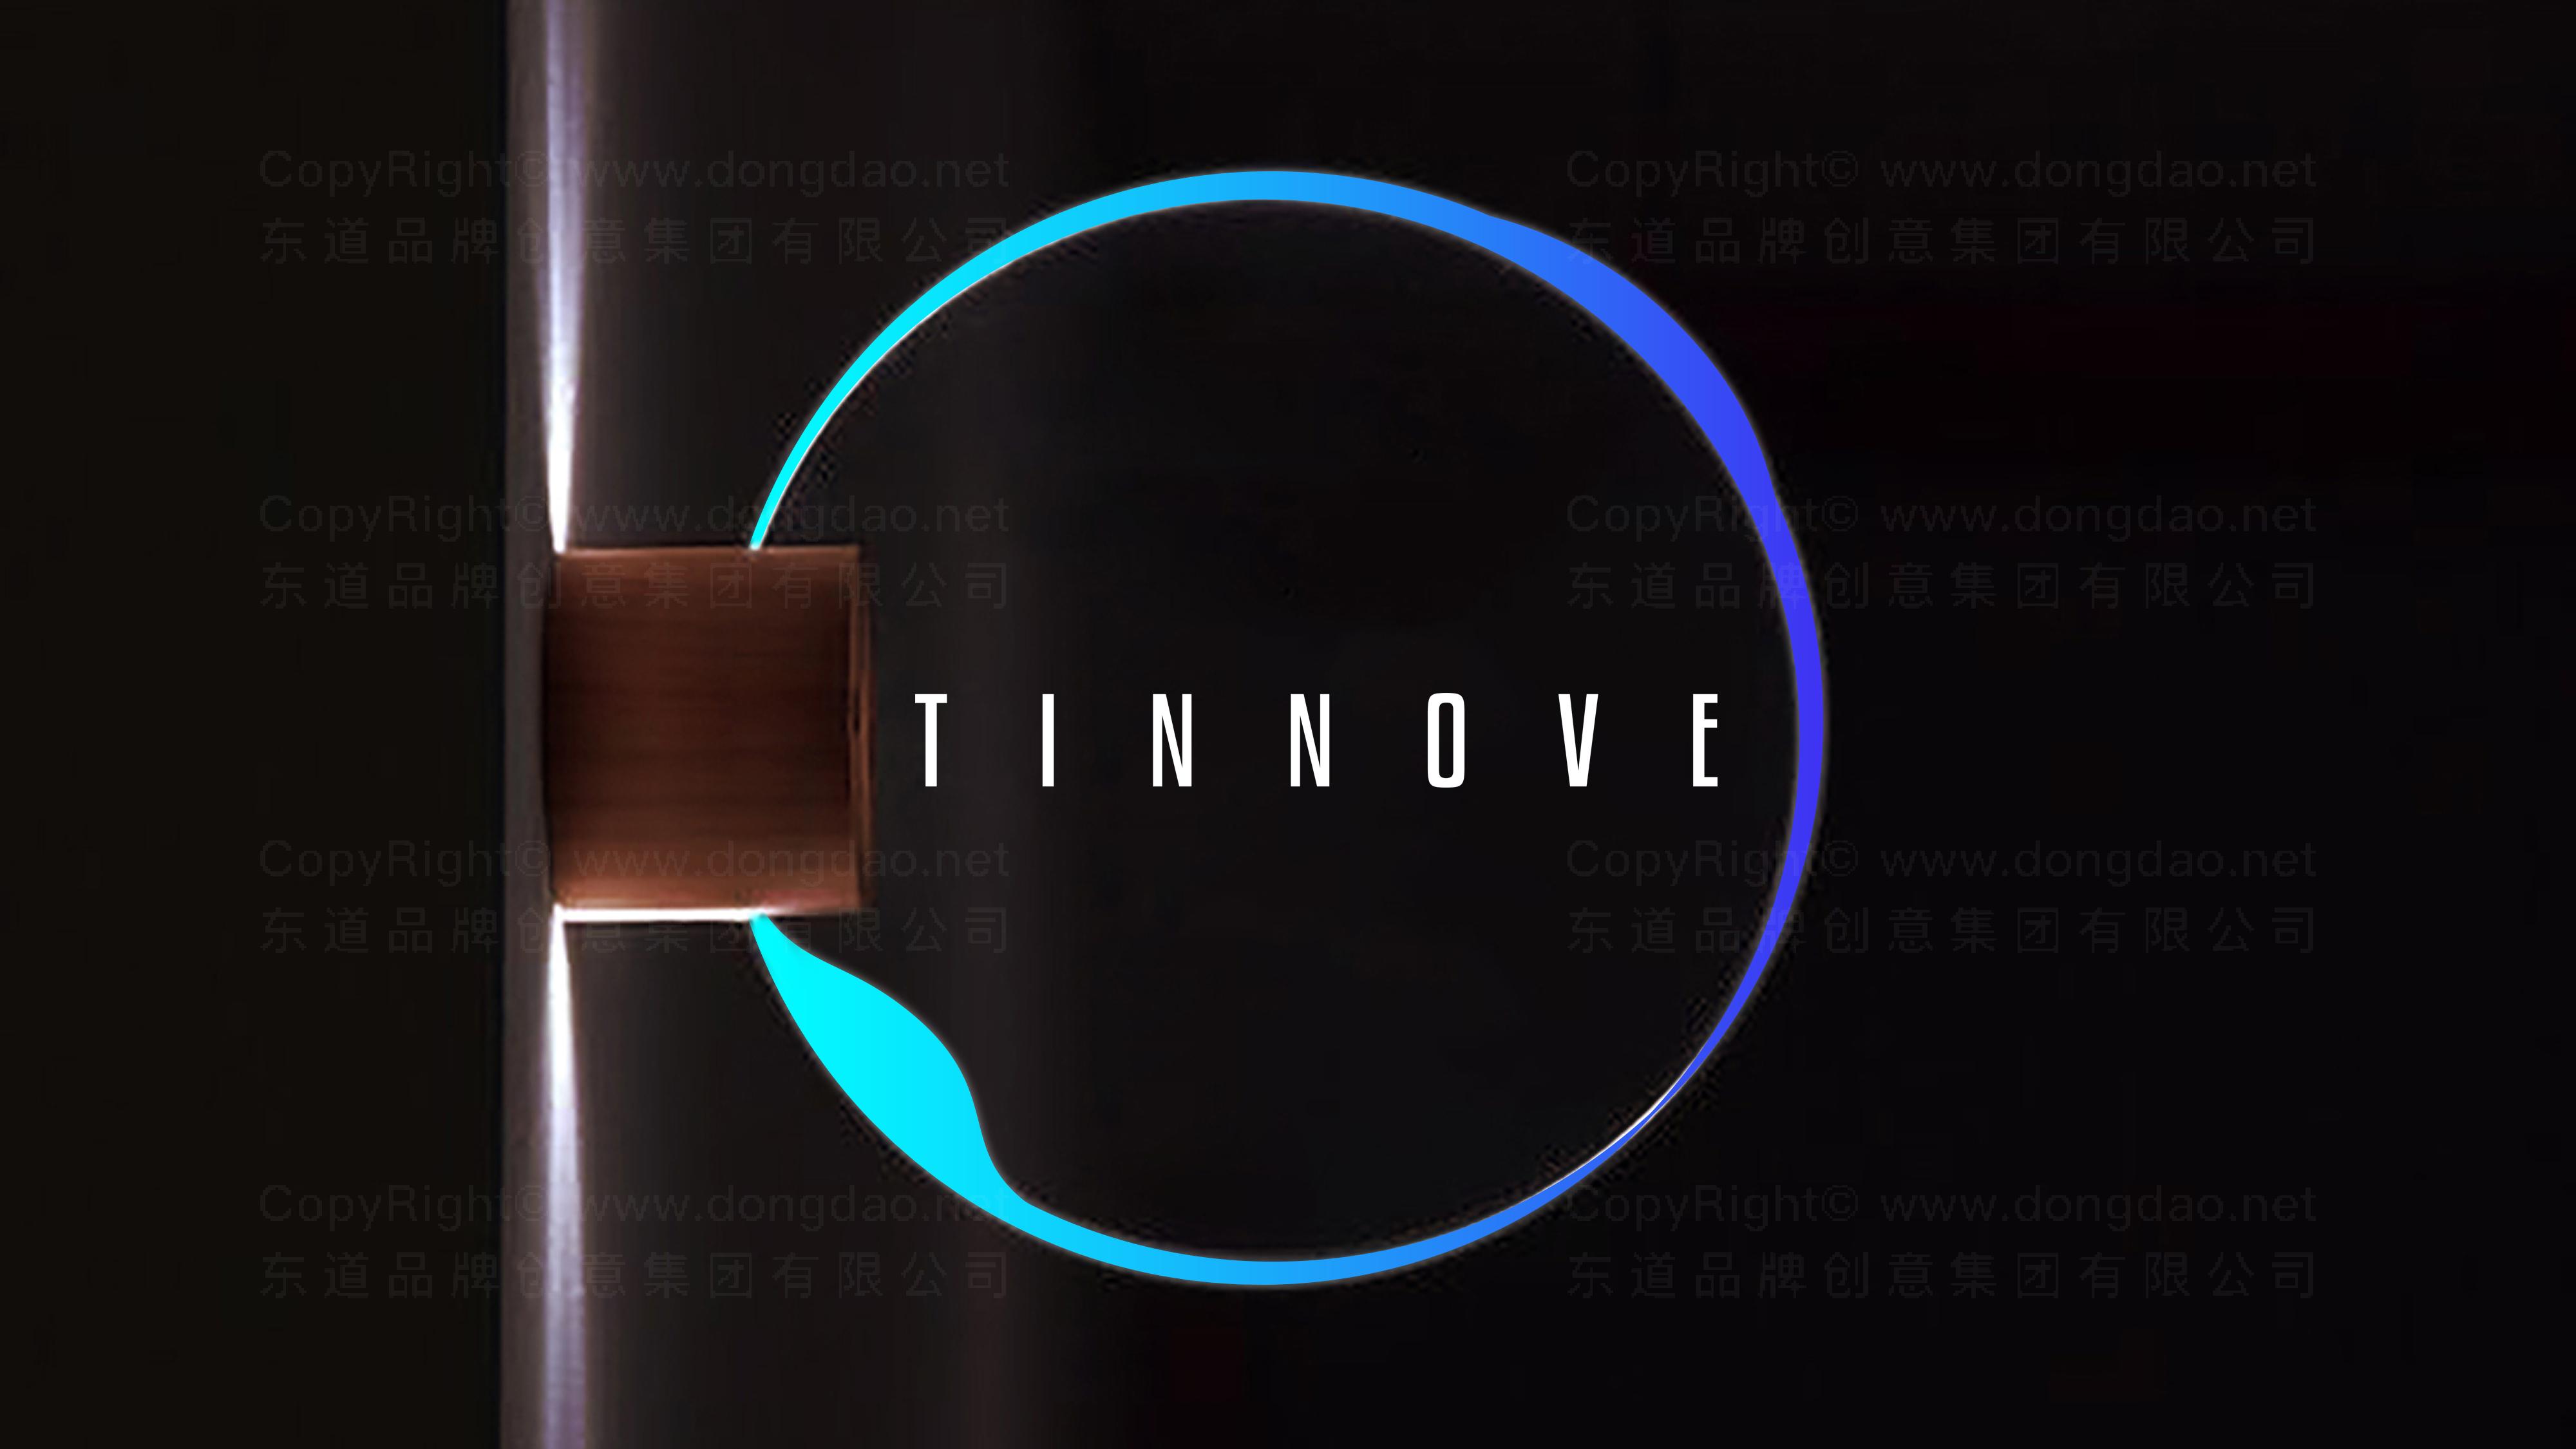 品牌设计TINNOVE汽车智能系统LOGO&VI设计应用场景_5